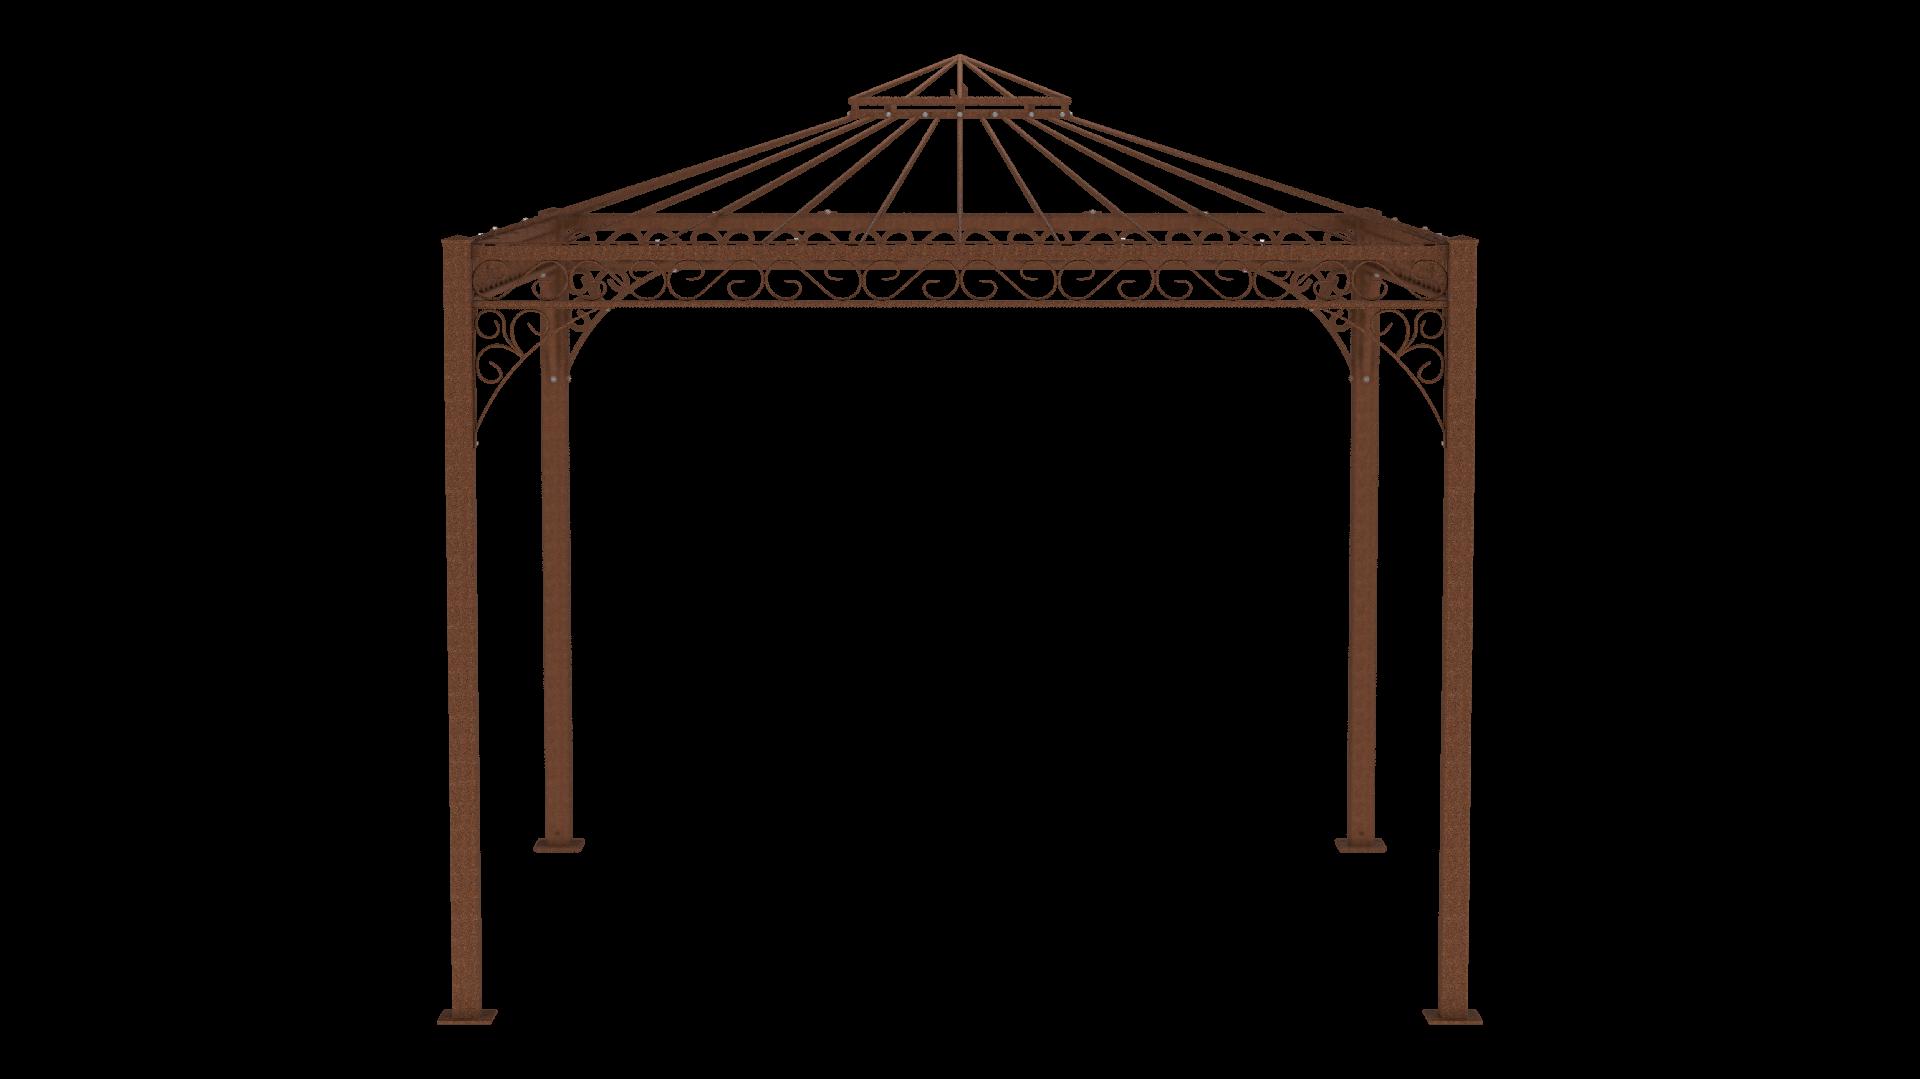 pavillon-genua-unbeschichtet